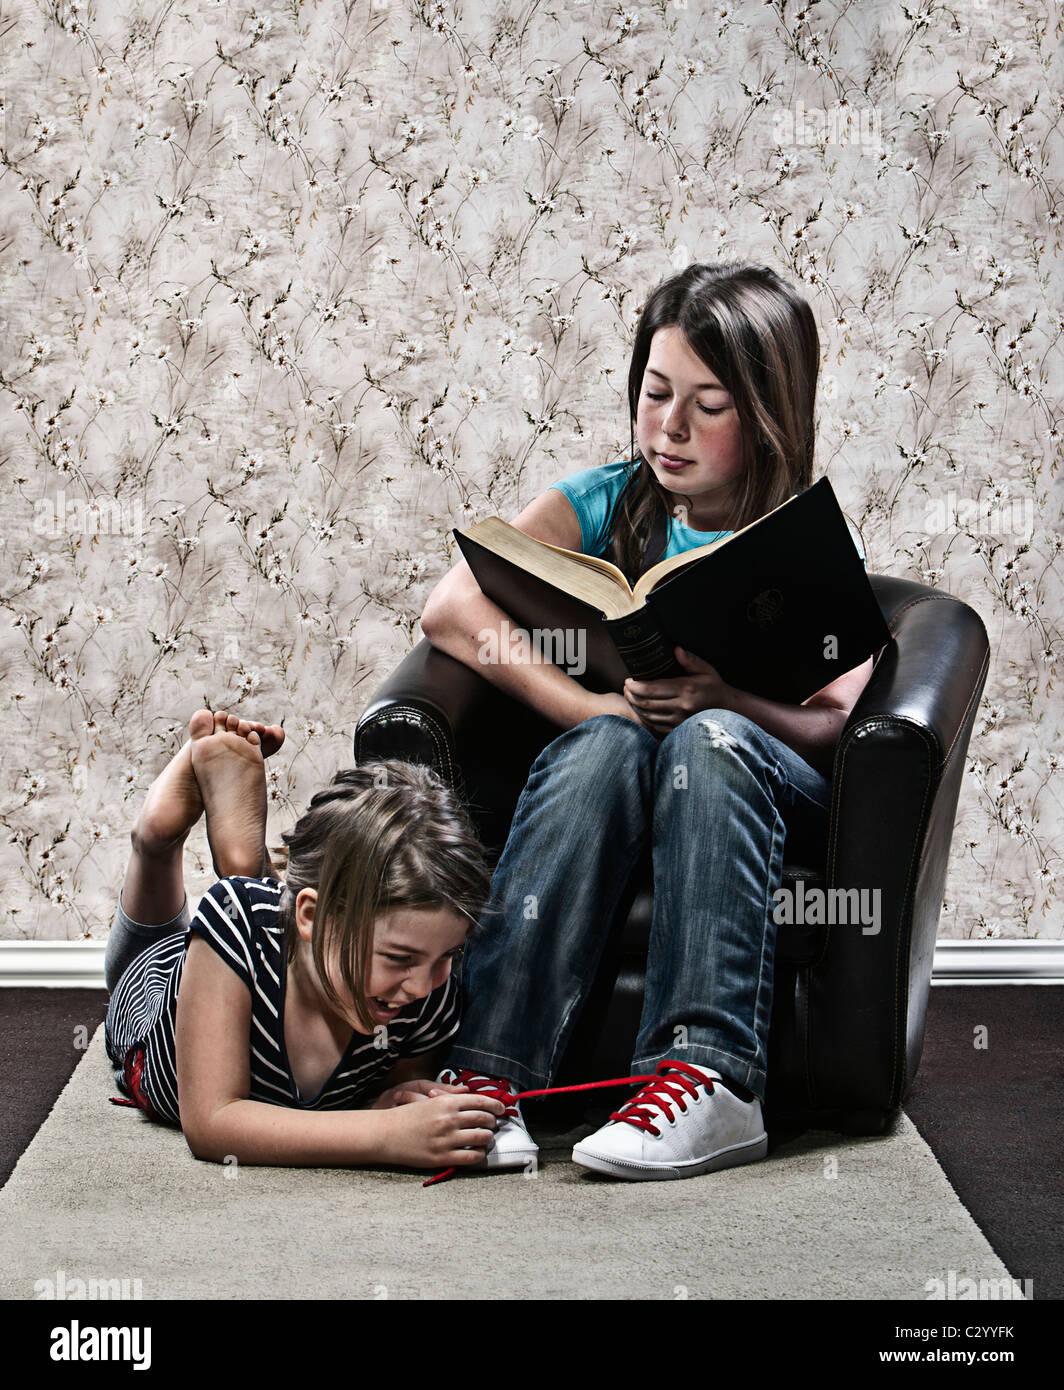 Chica Shoelace atado de la Hermana mientras ella lee un libro Imagen De Stock